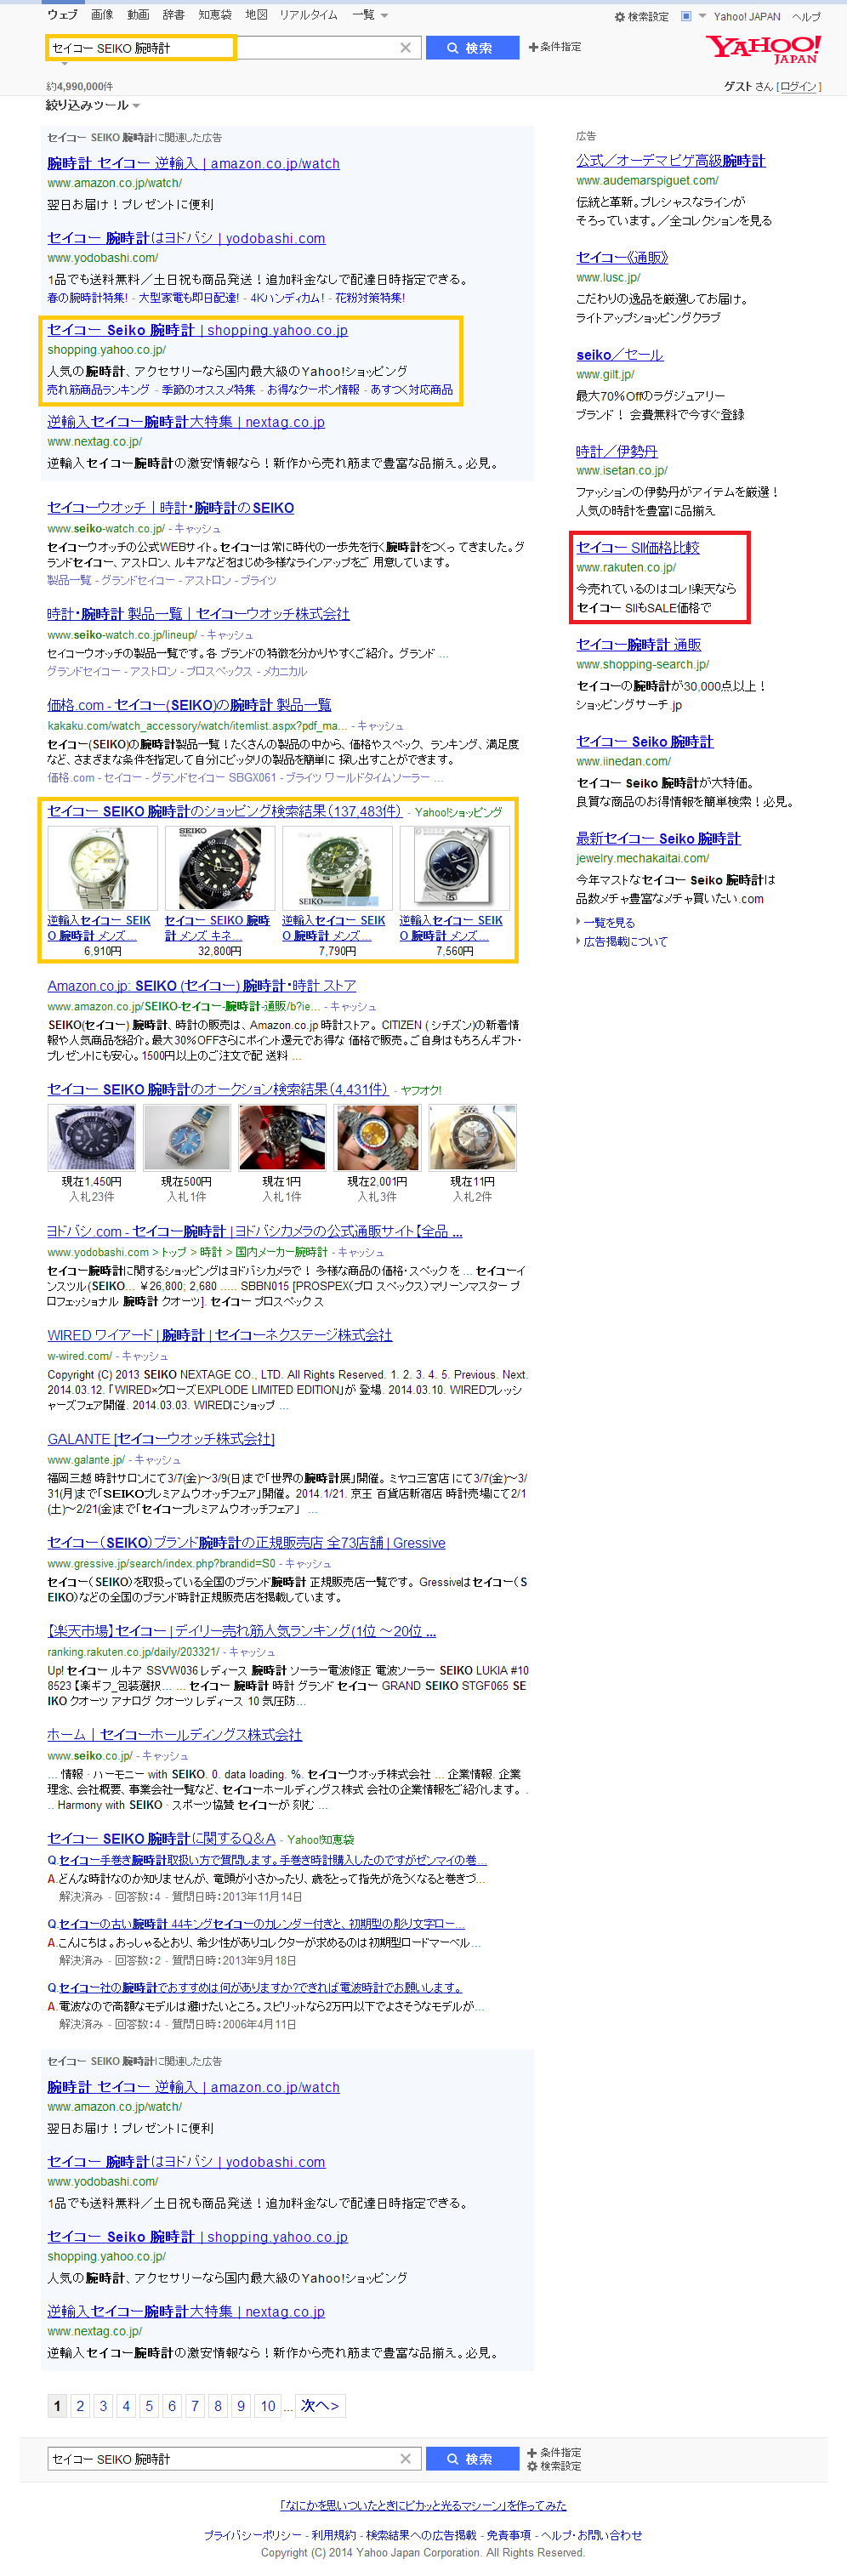 「セイコー SEIKO 腕時計」の検索結果   Yahoo 検索1.png